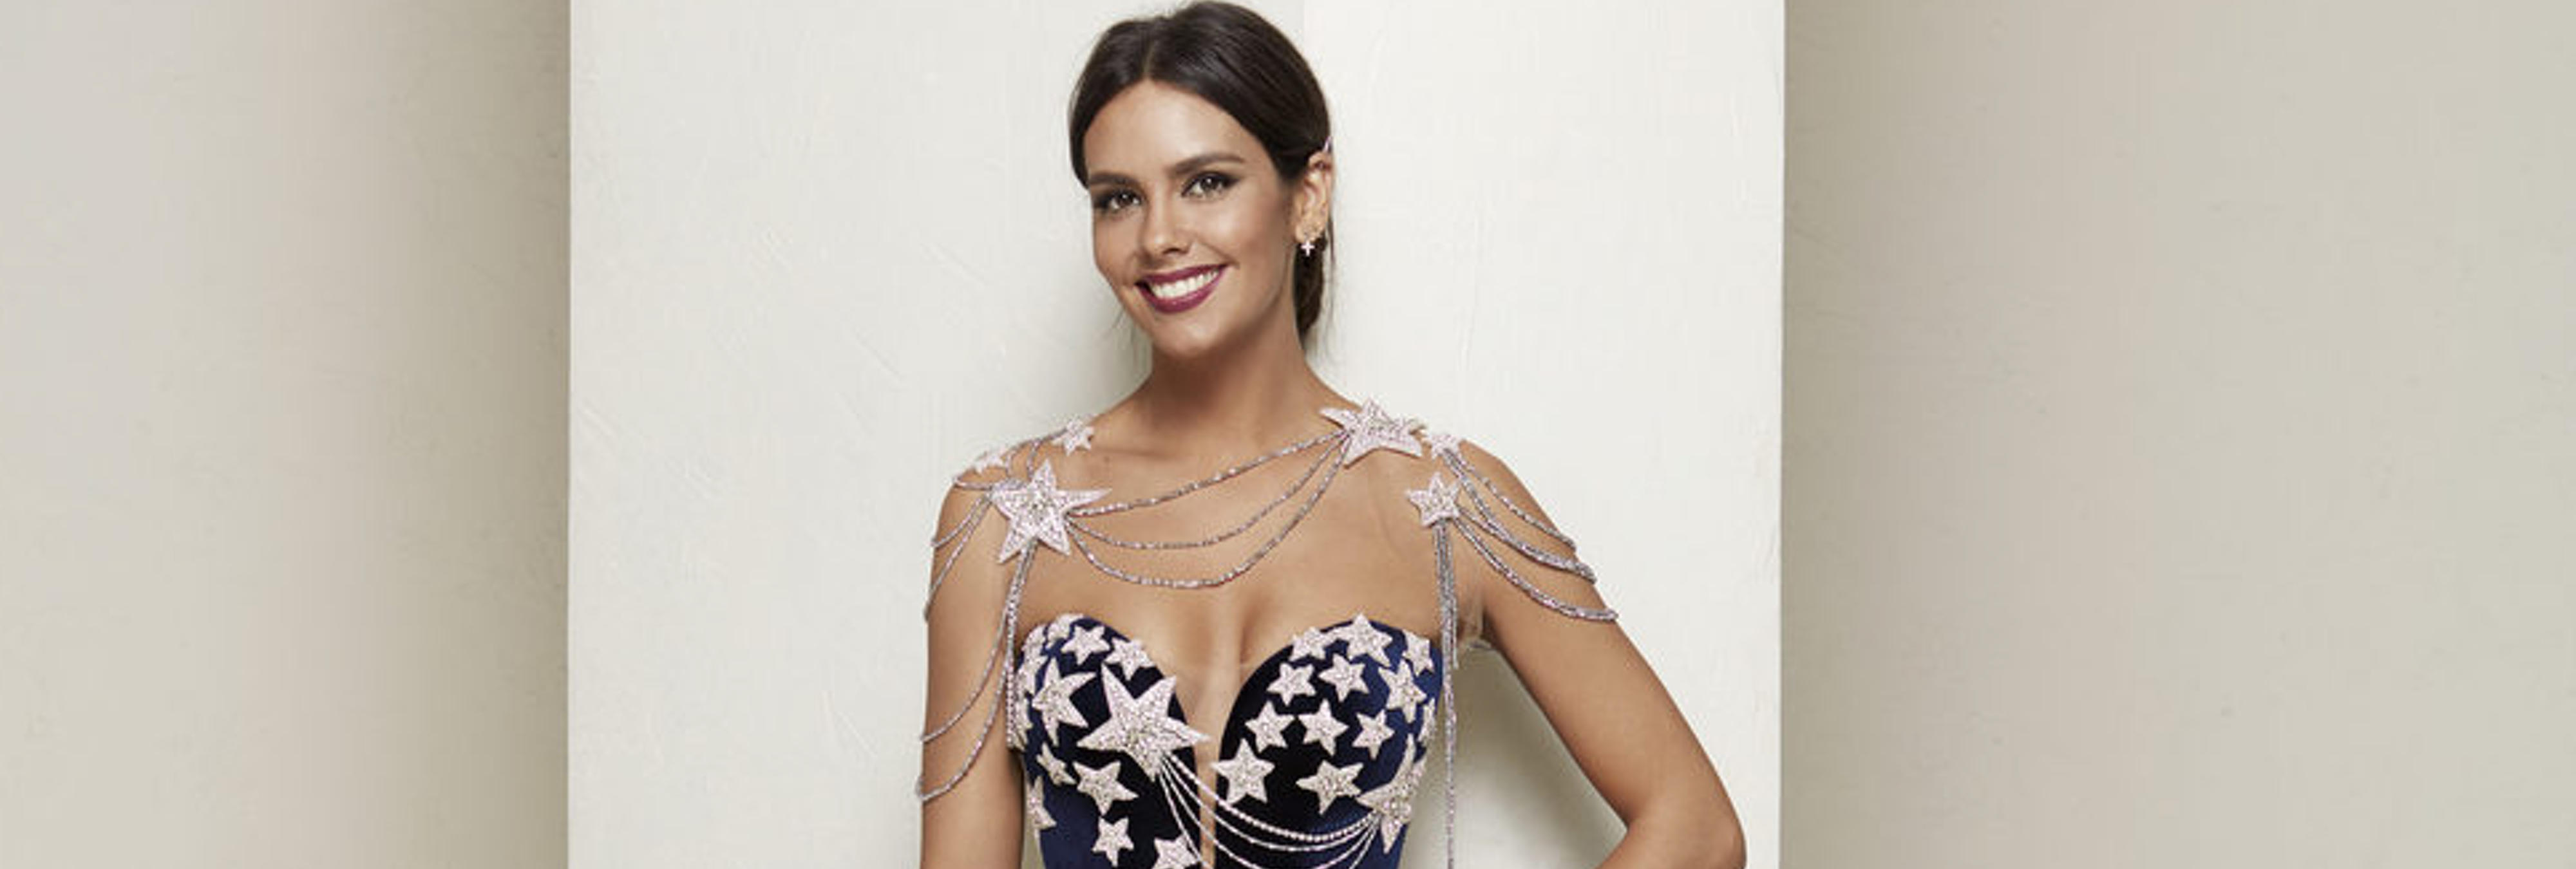 Cristina Pedroche se sintió una 'superheroína' con su vestido. ¿Lo fue realmente?